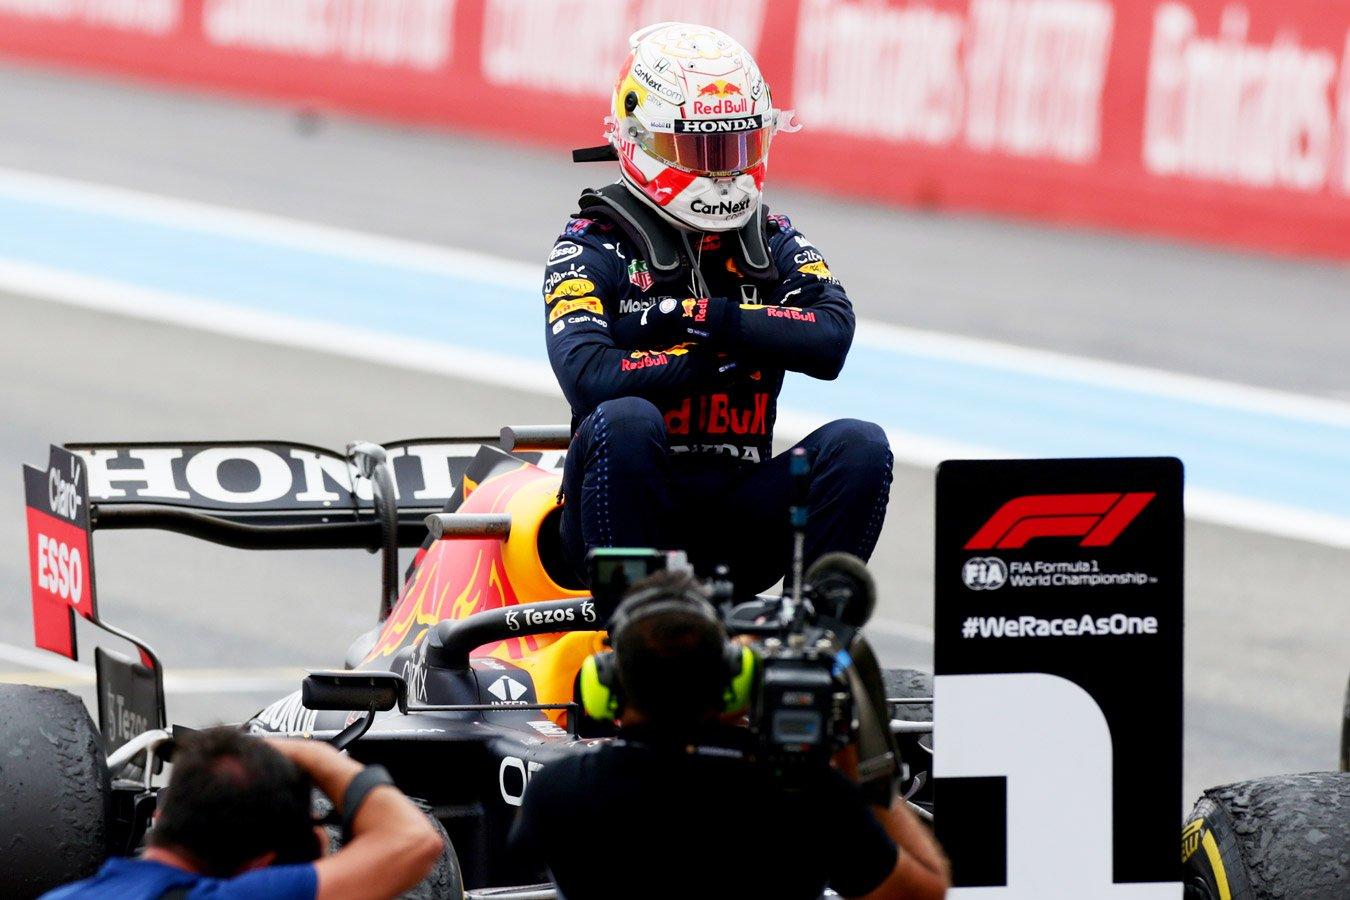 Ферстаппен выиграл Гран-при Франции